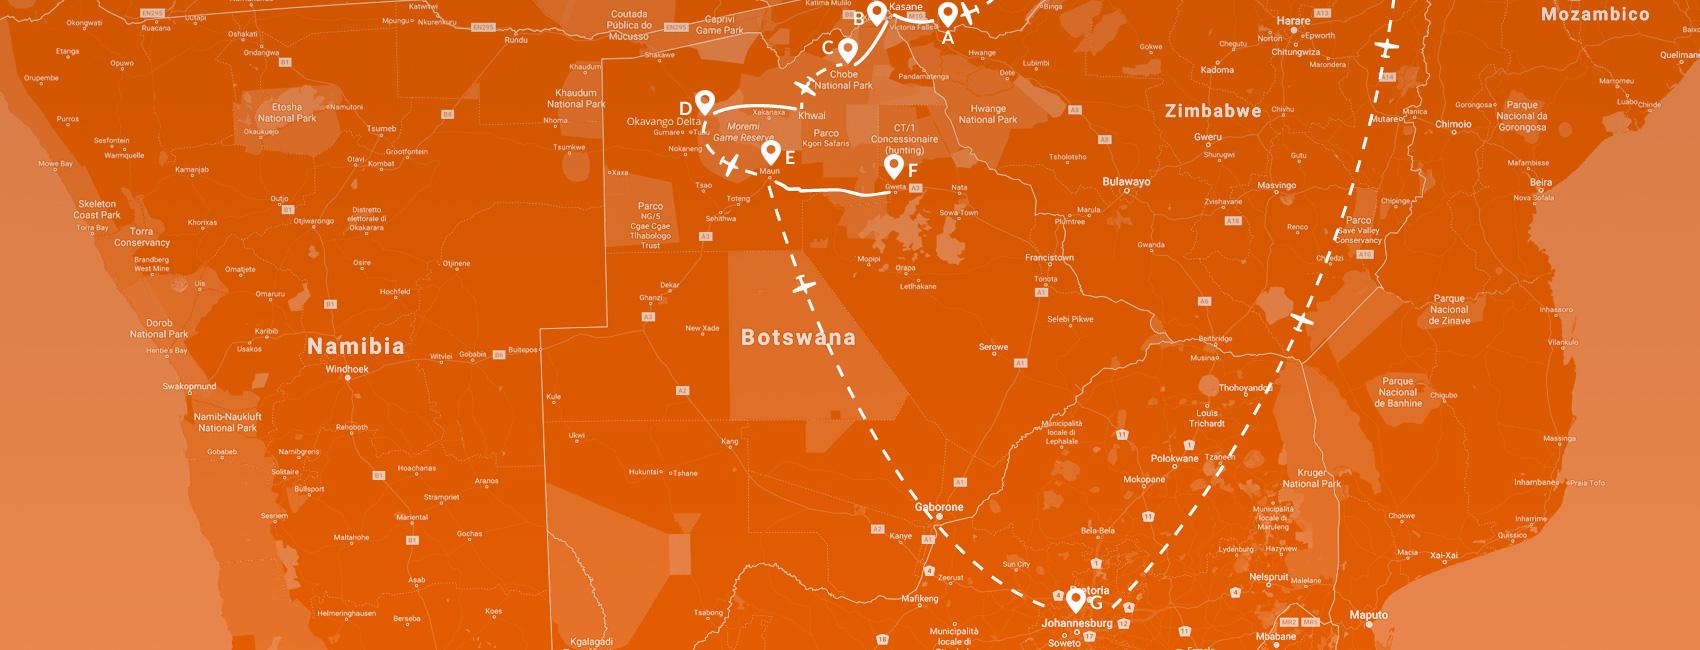 maps-botswana-orizzonti-africani